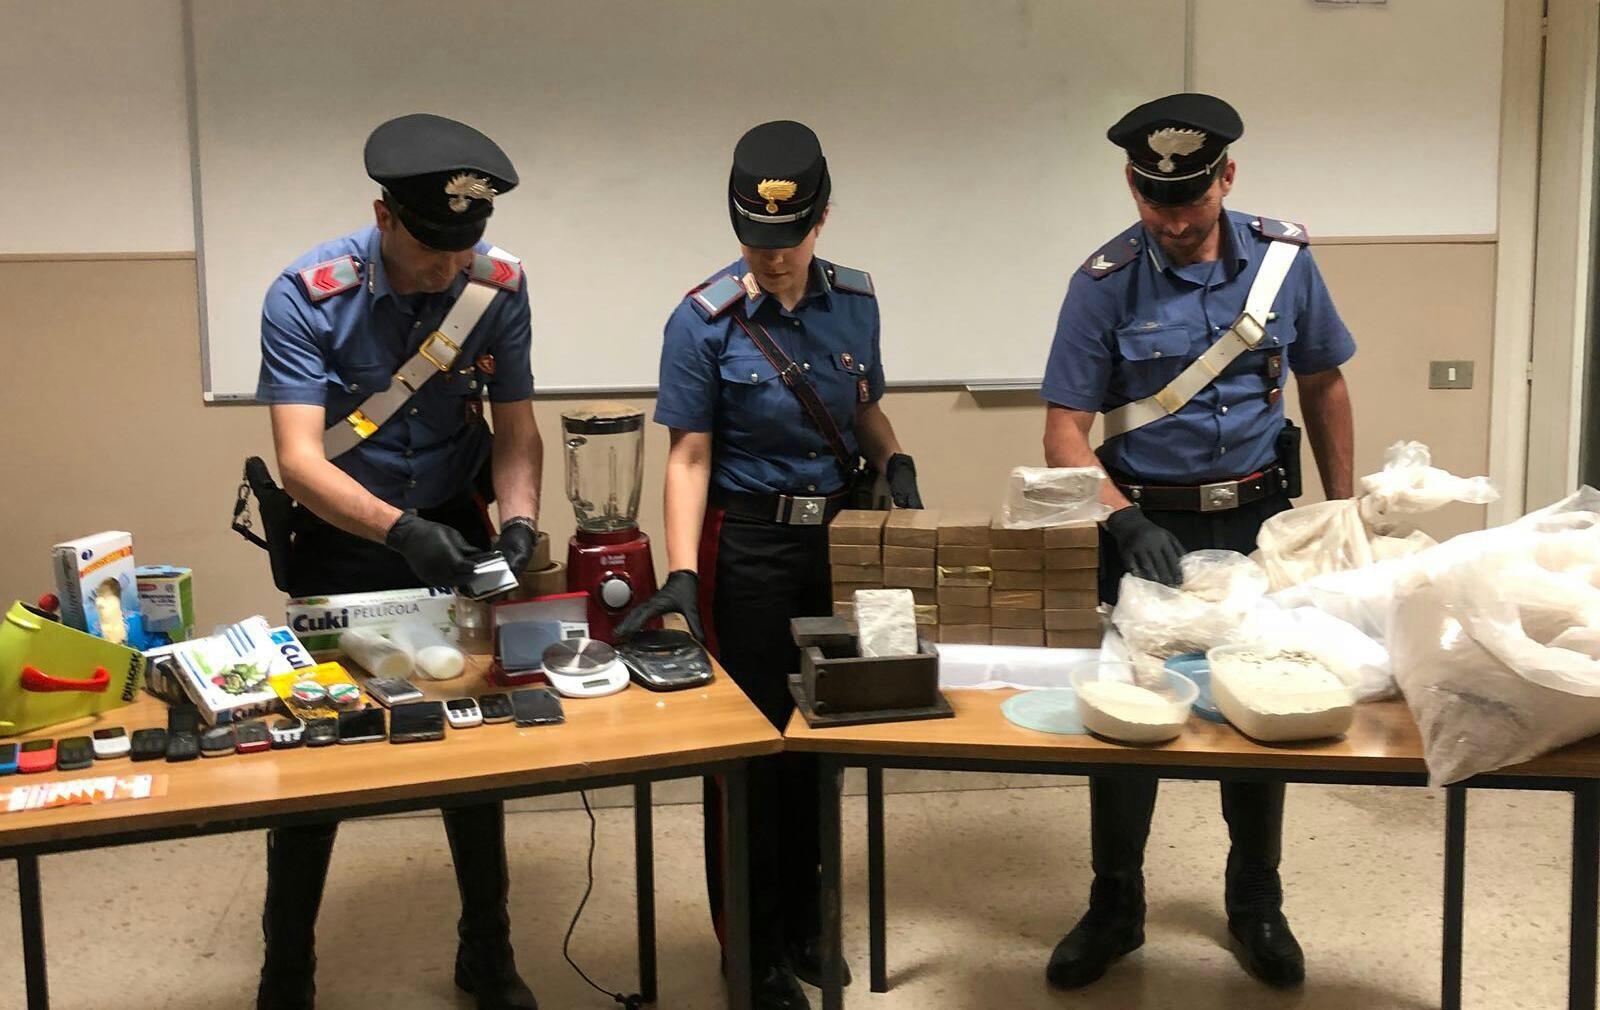 IVREA - Maxi sequestro di droga: sei persone arrestate dai carabinieri - FOTO E VIDEO